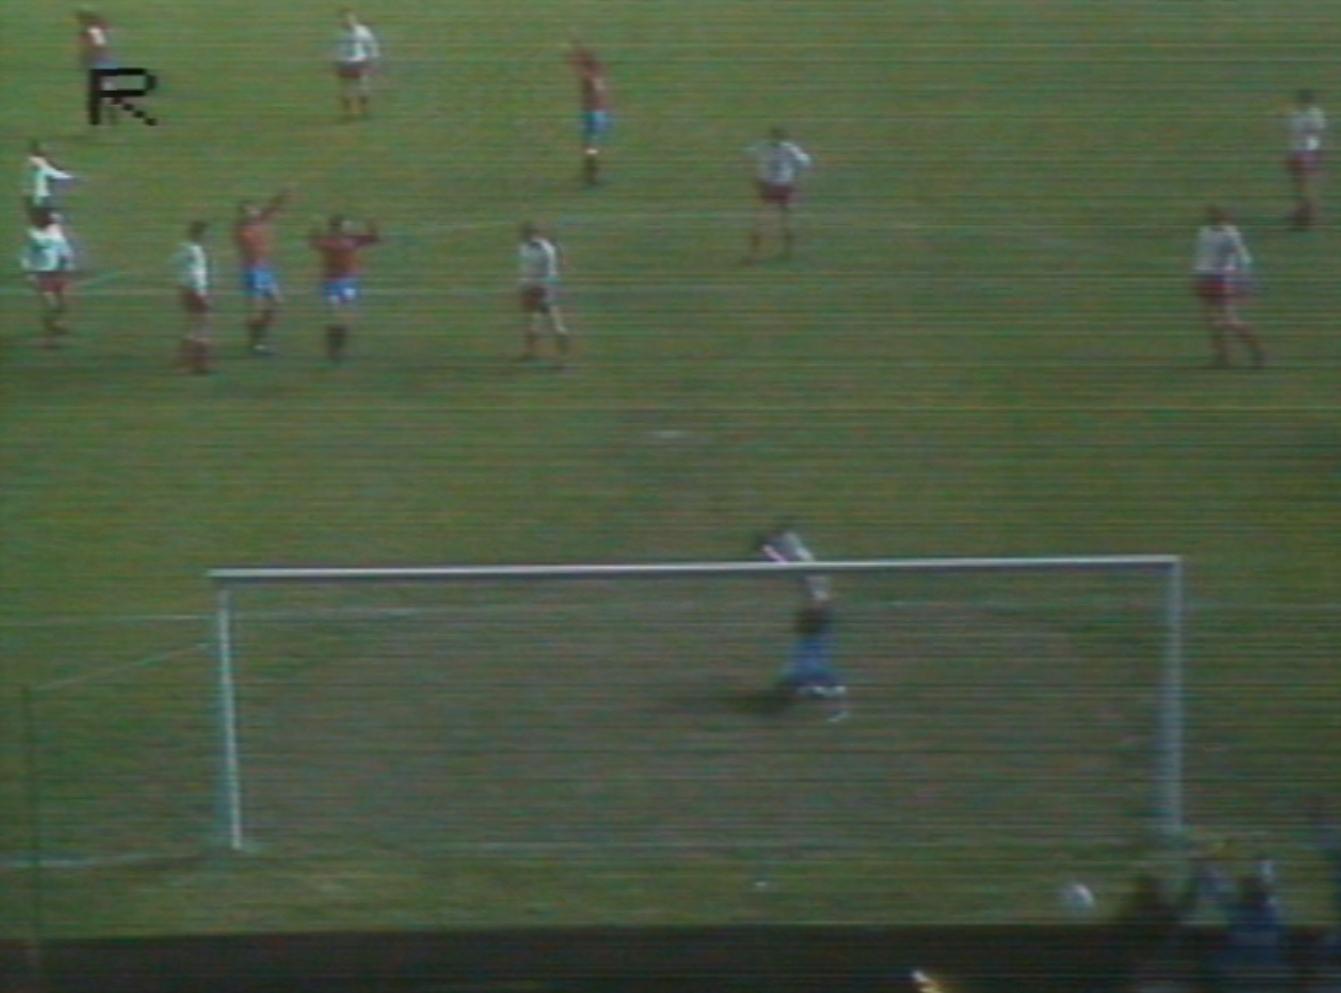 Józef Młynarczyk stawał na głowie, by zatrzymać Hiszpanów, ale nie ustrzegł się błędów. Przy tym golu miał pecha, bo piłka odbiła się od nogi Emilio Butragueño i zmieniła kierunek, kolejne bramki jednak padły w wyniku niefortunnych interwencji polskiego golkipera.